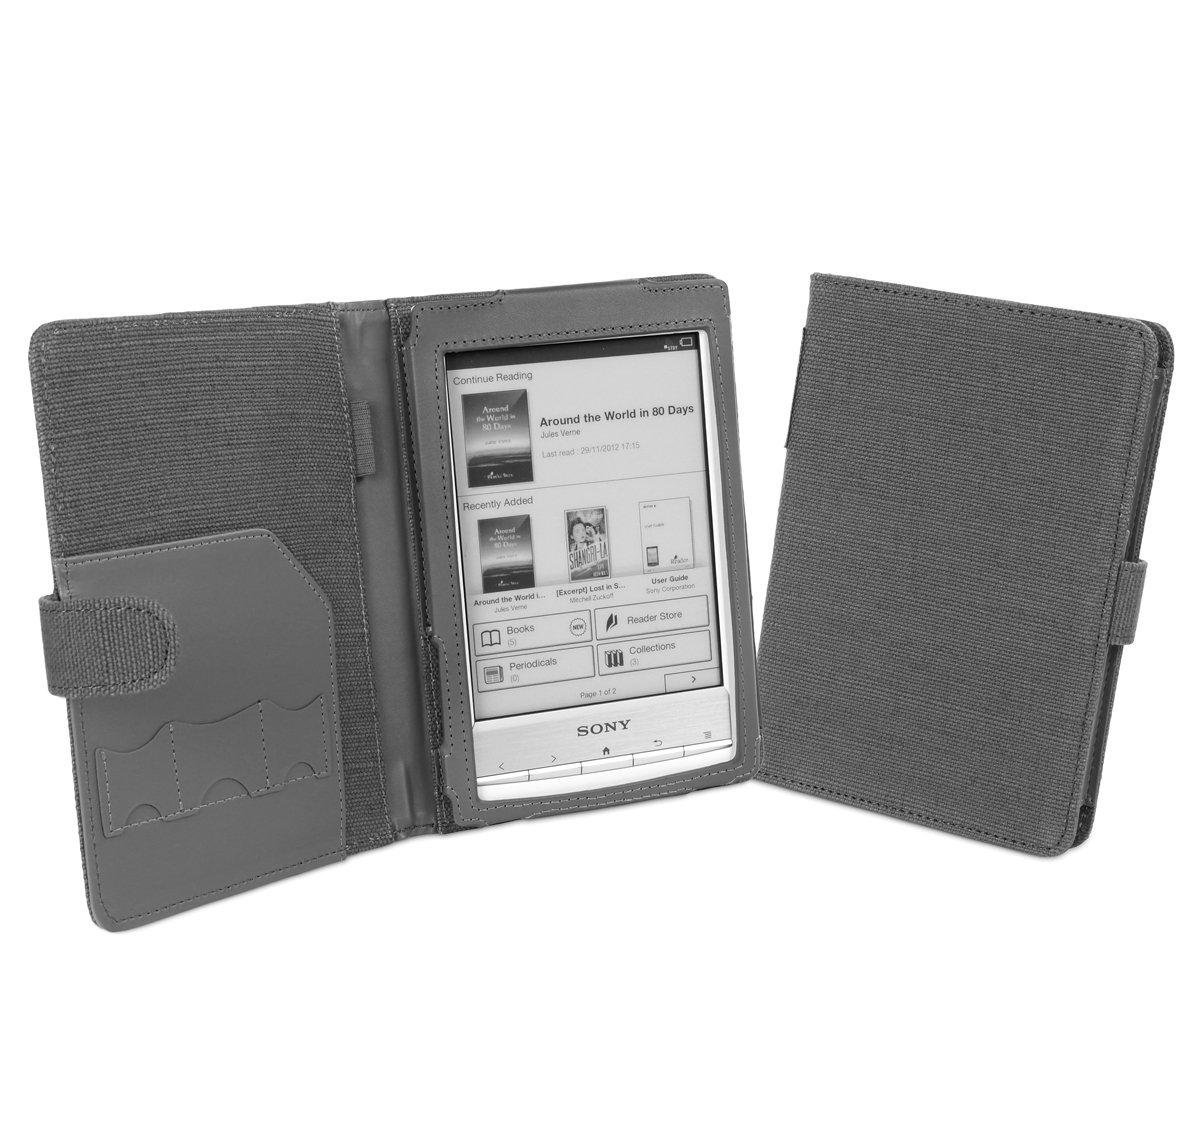 Cover-Up - Funda estilo libro para tablet Sony Reader PRS-T1, PRS-T2 (cáñamo) Slate Grey  Informática Comentarios y más información